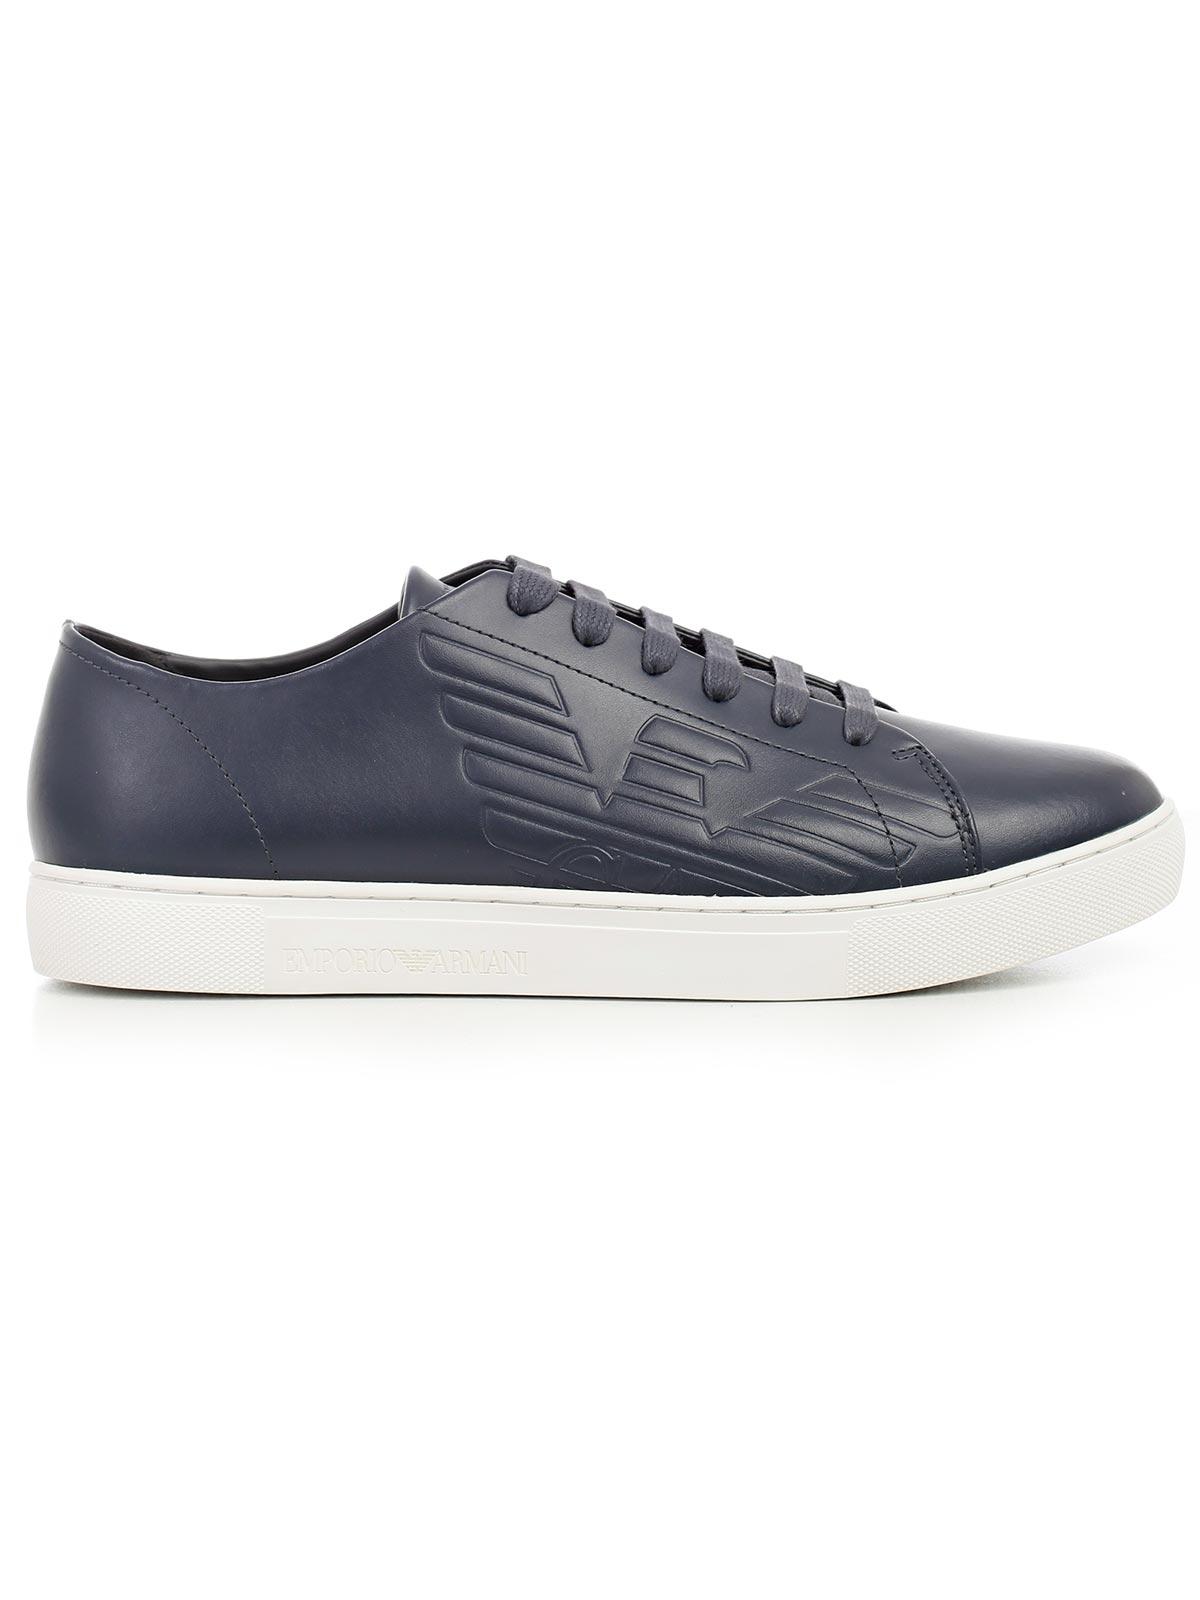 Picture of Emporio Armani Sneakers